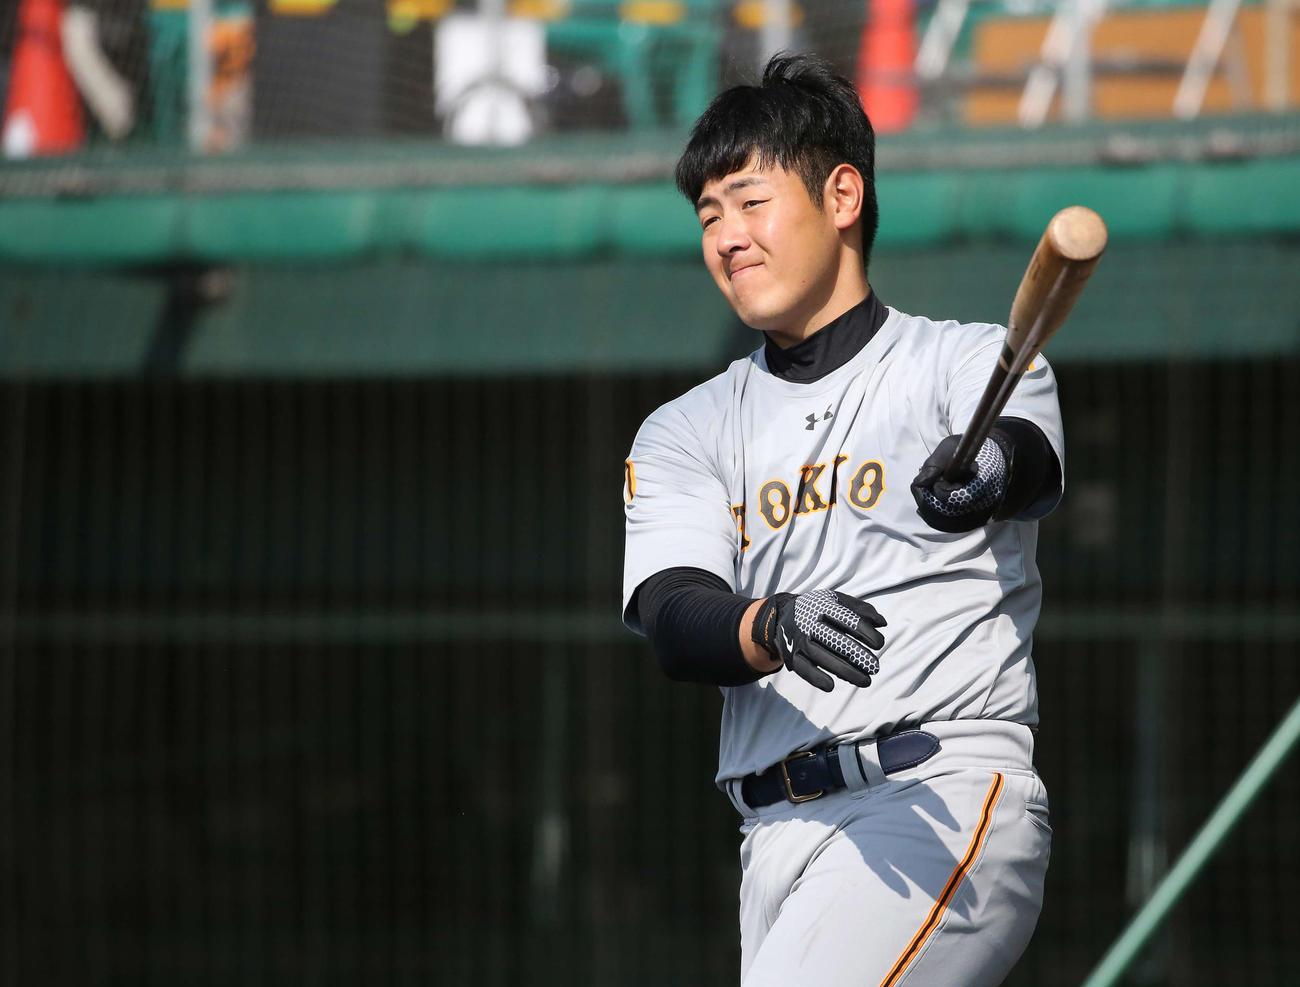 ロングティー打撃で打球を見つめる巨人岡本(撮影・河野匠)